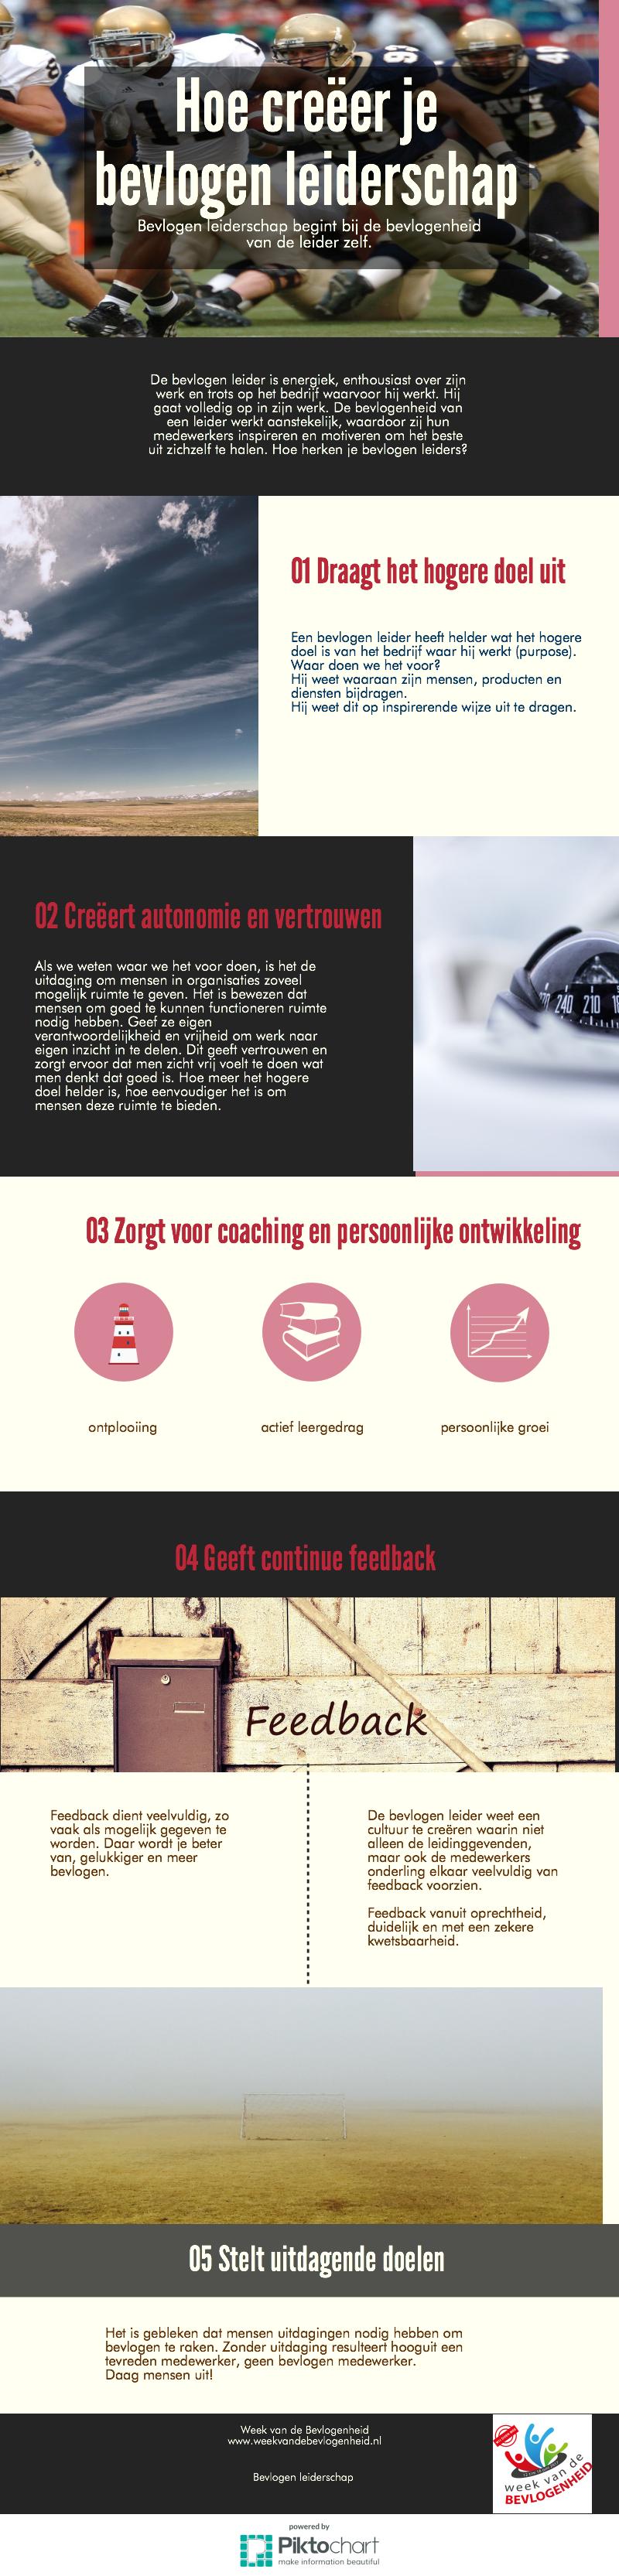 Infographic Bevlogen Leiderschap Start Van De Week Van De Bevlogenheid Leiderschap Infographic Persoonlijke Ontwikkeling